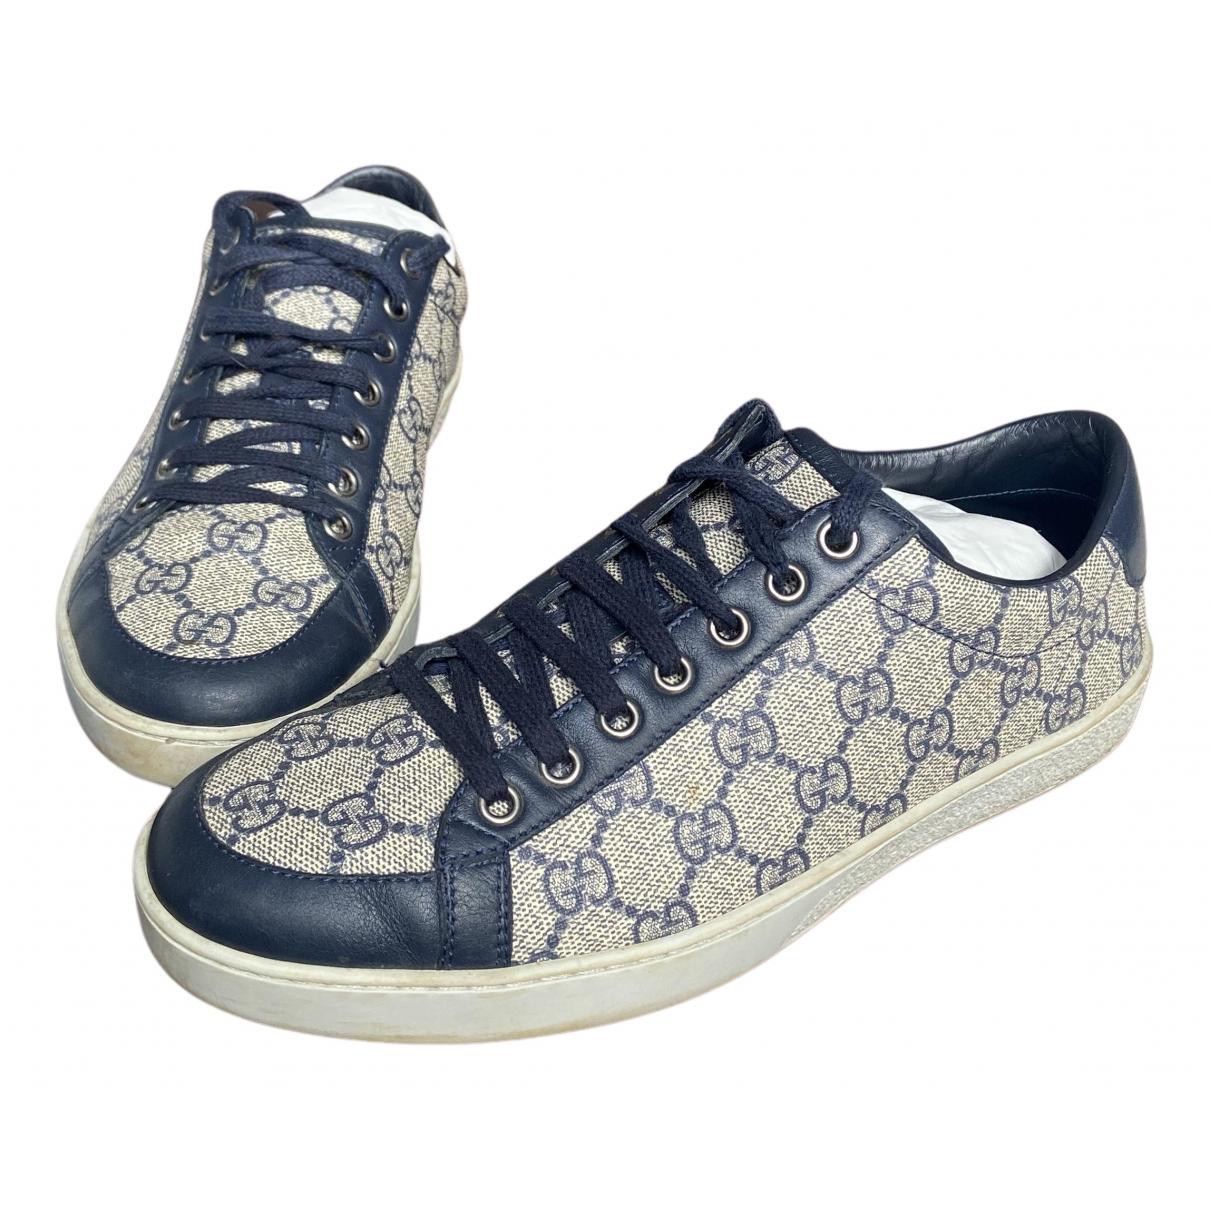 Gucci - Baskets   pour homme en toile - bleu